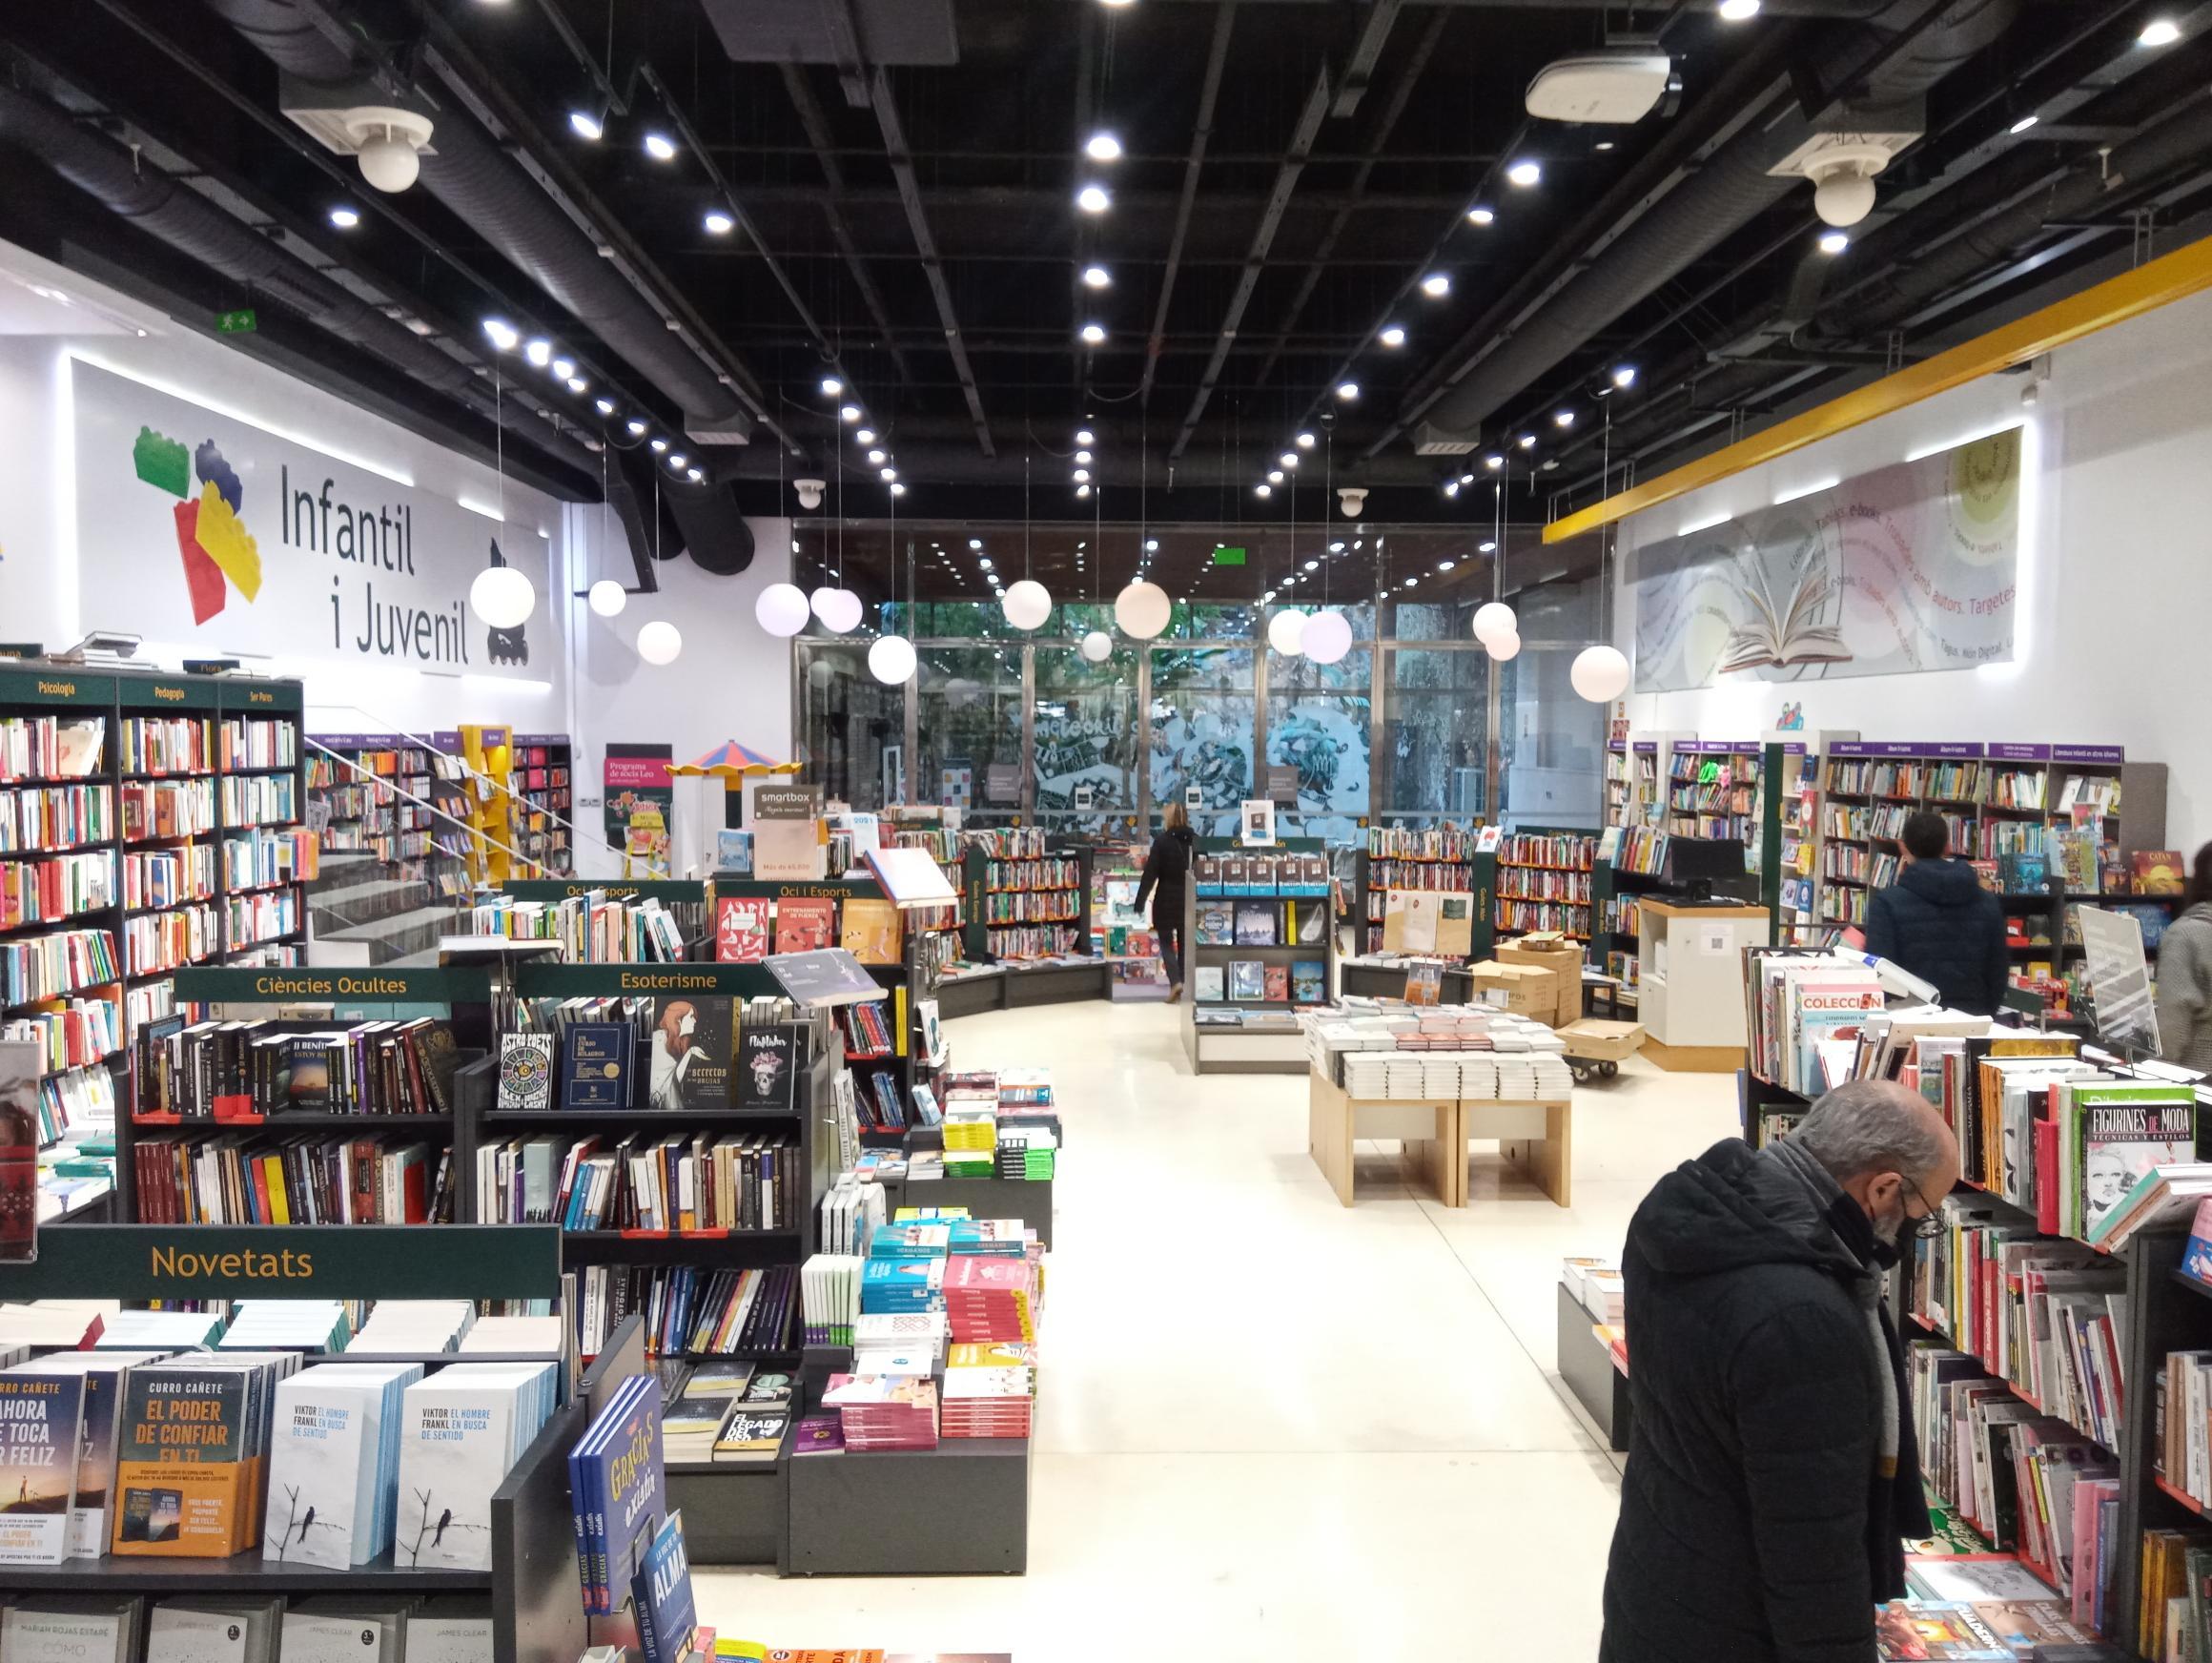 Casa del Llibre calienta motores para Sant Jordi con un sorteo y un gran premio